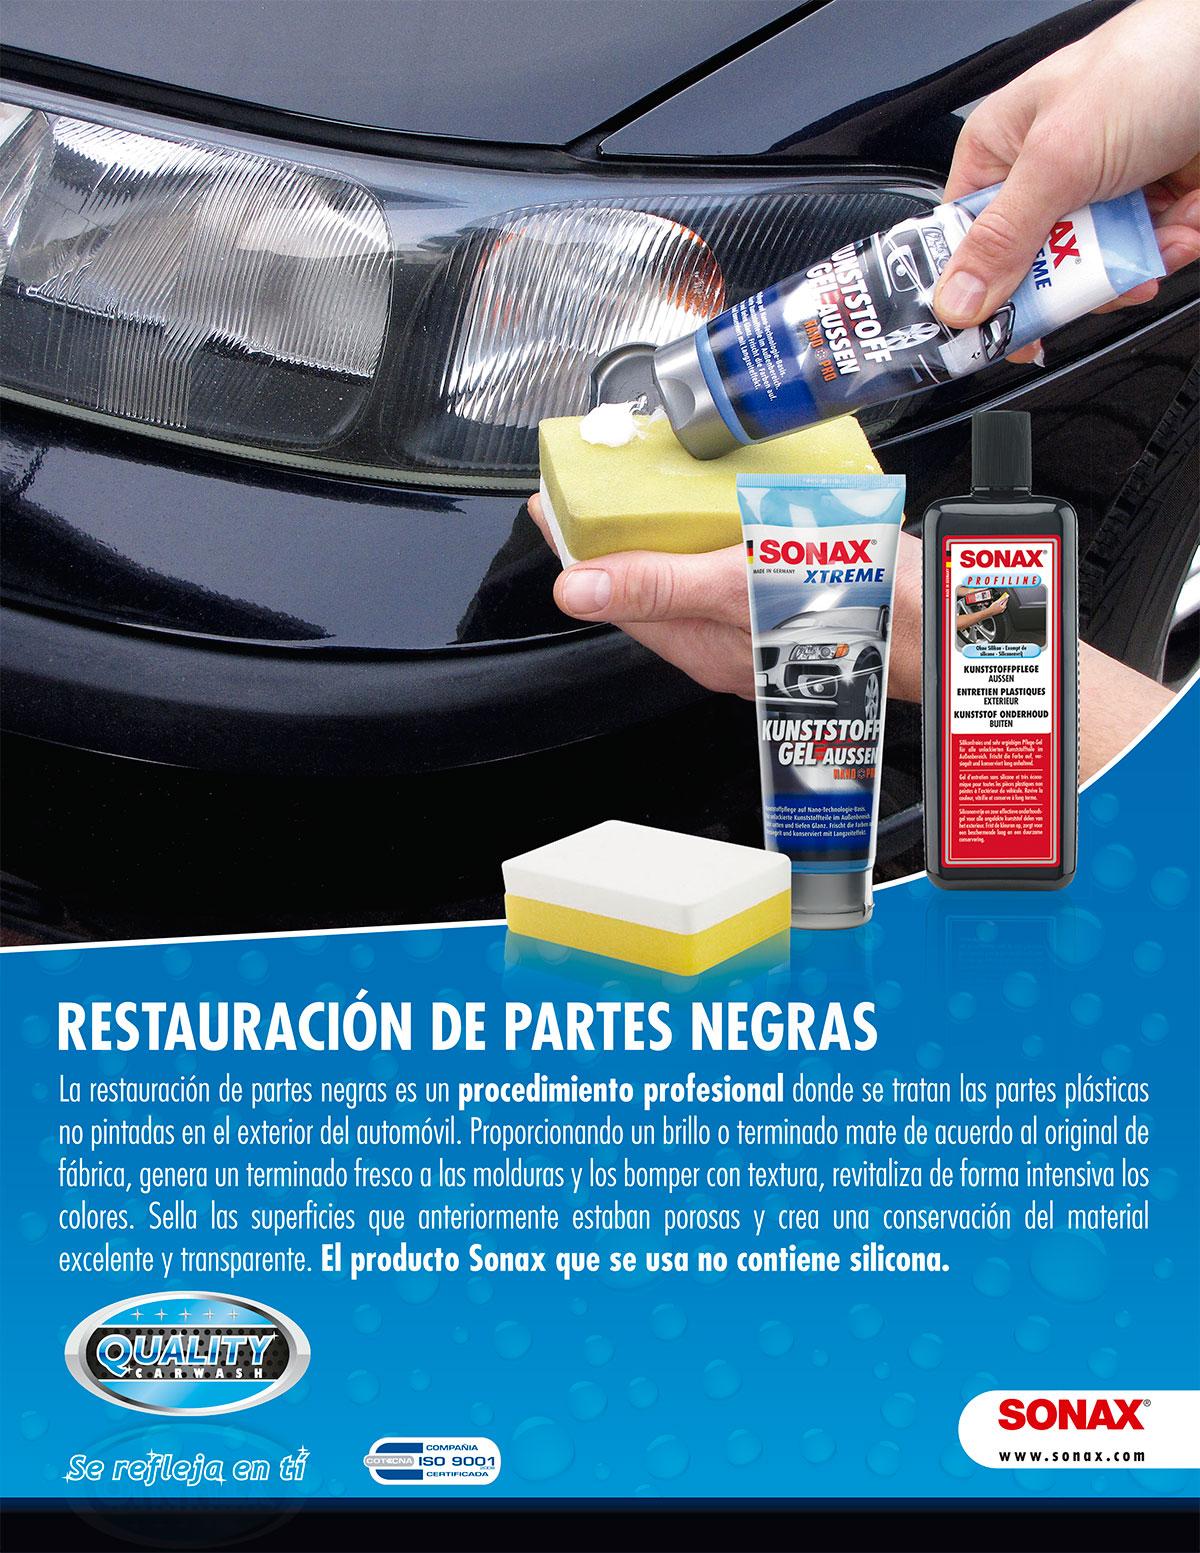 restauracion_partes_negras_cr